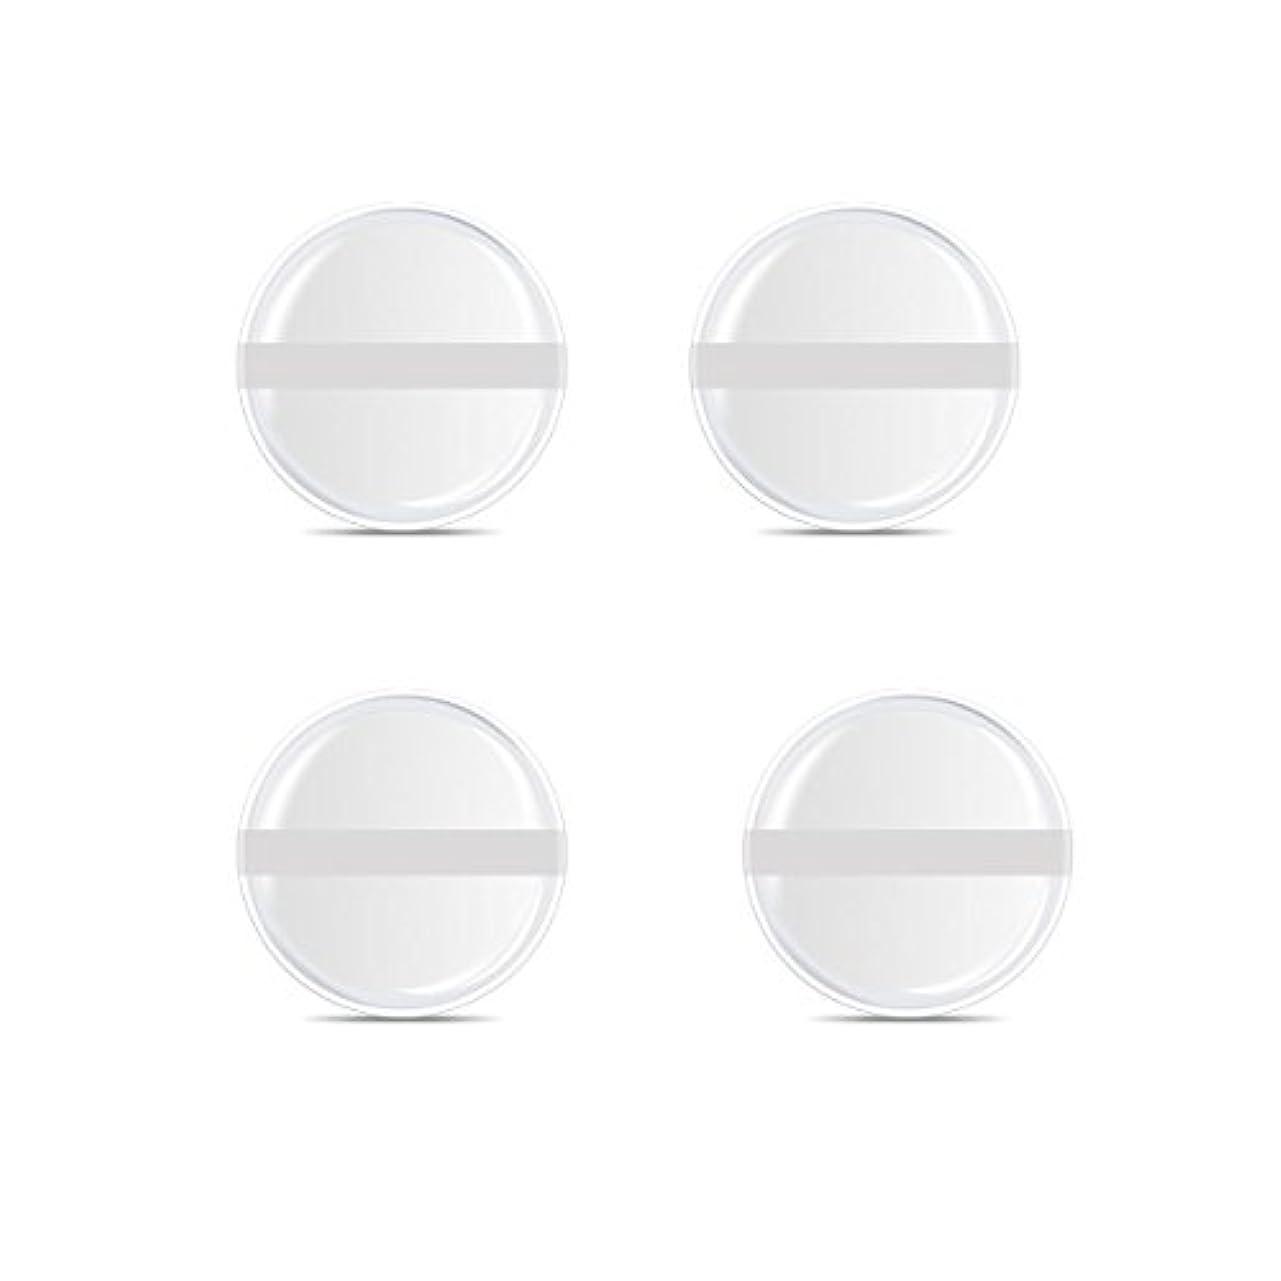 概念心理学消費シリコンパフ 帯付き メイクスポンジ ゲルパフ ゼリーパフ 清潔しやすい衛生 柔らかく 透明な 4枚入 (円形 4入り)